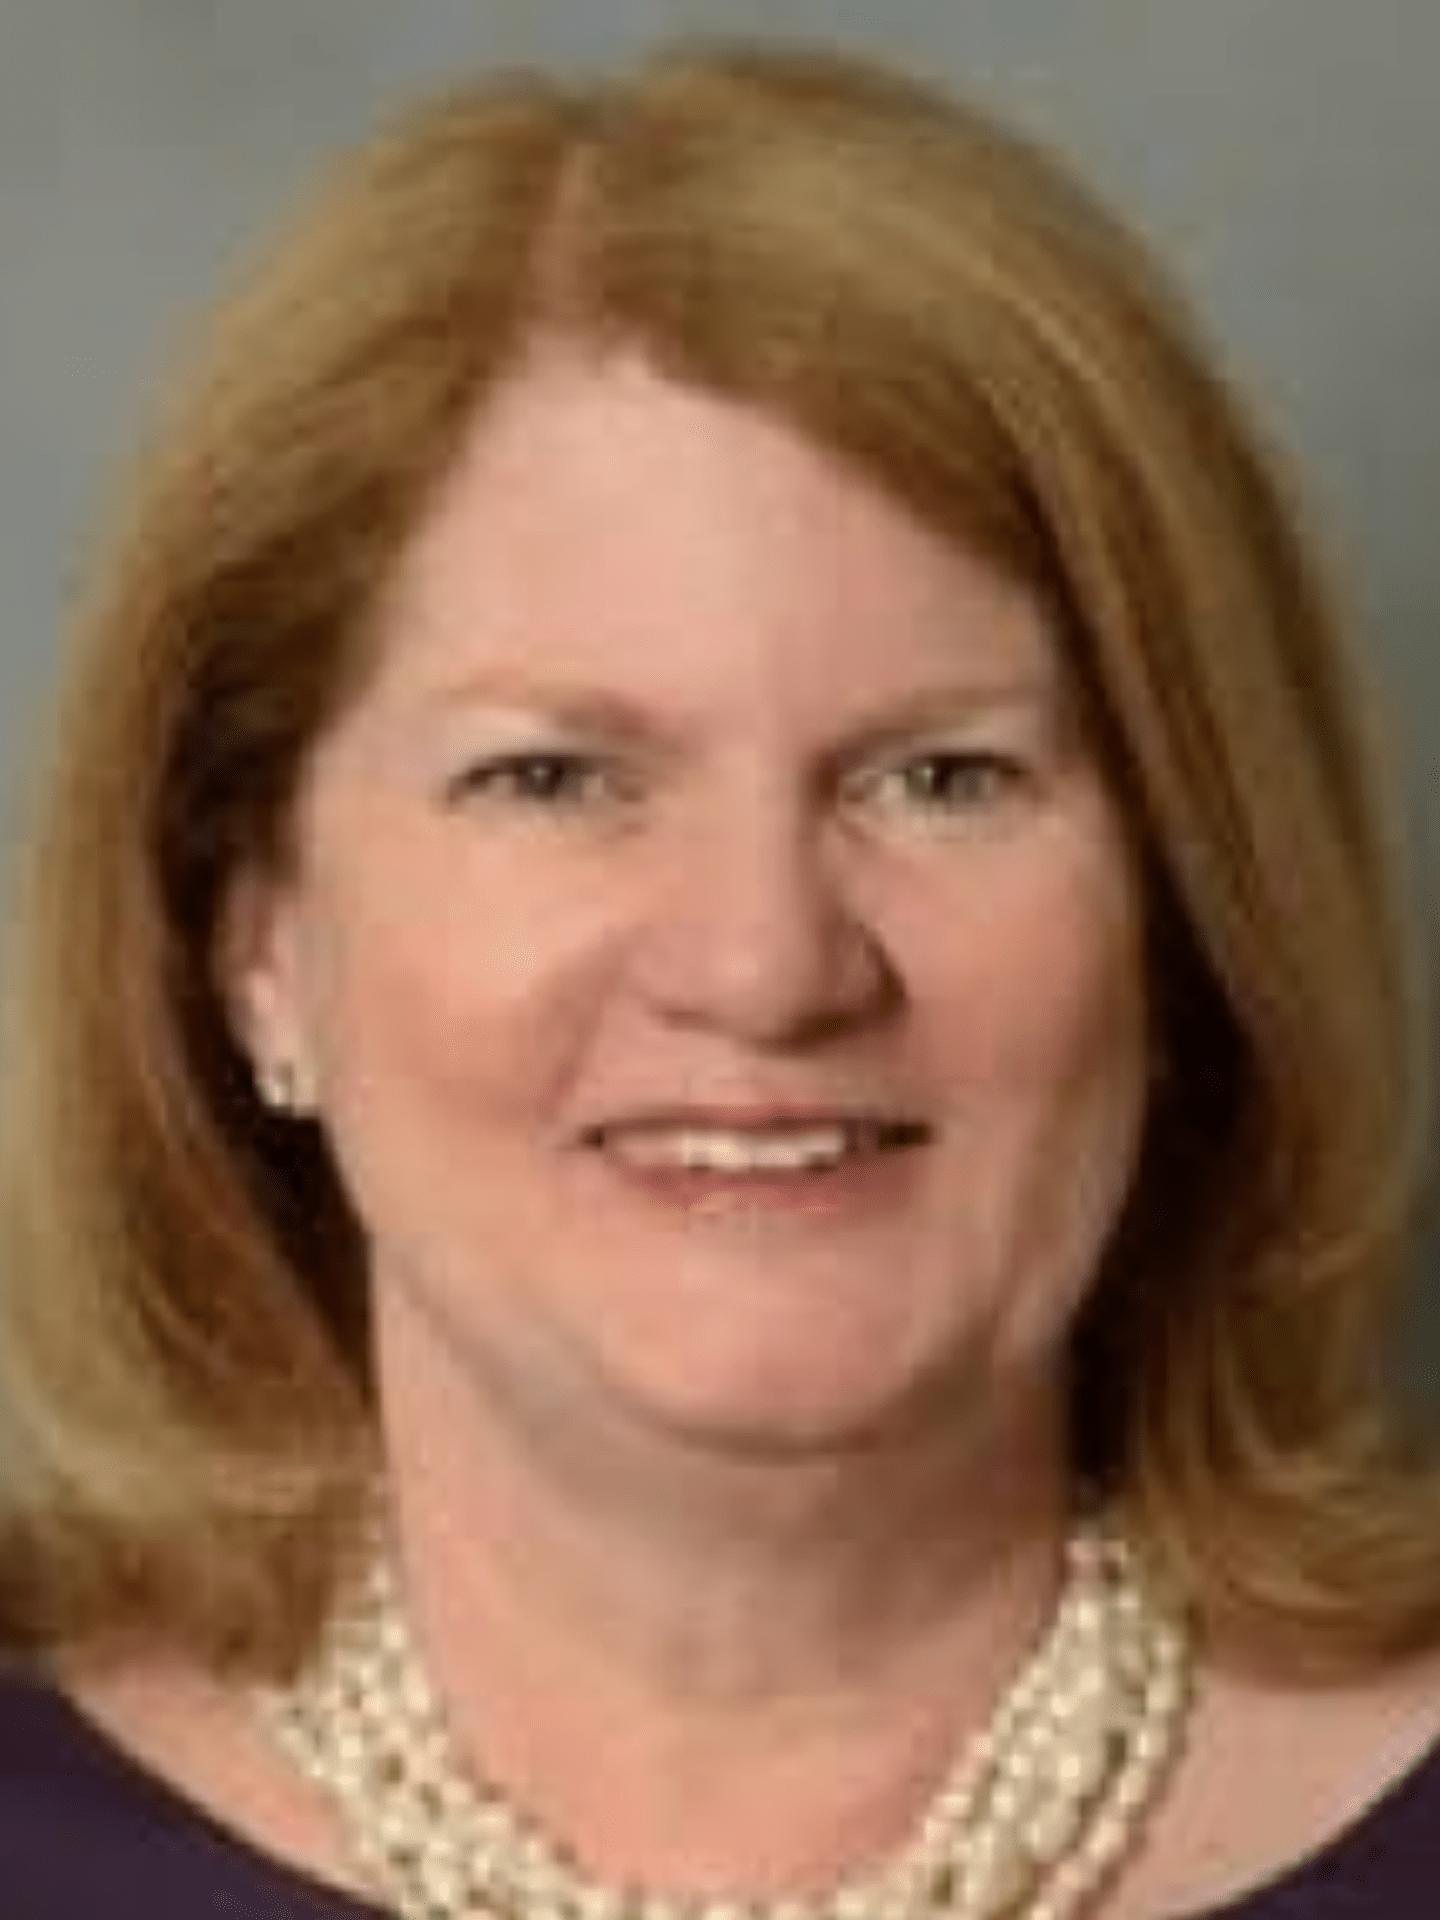 Ms. Sharon Oliver